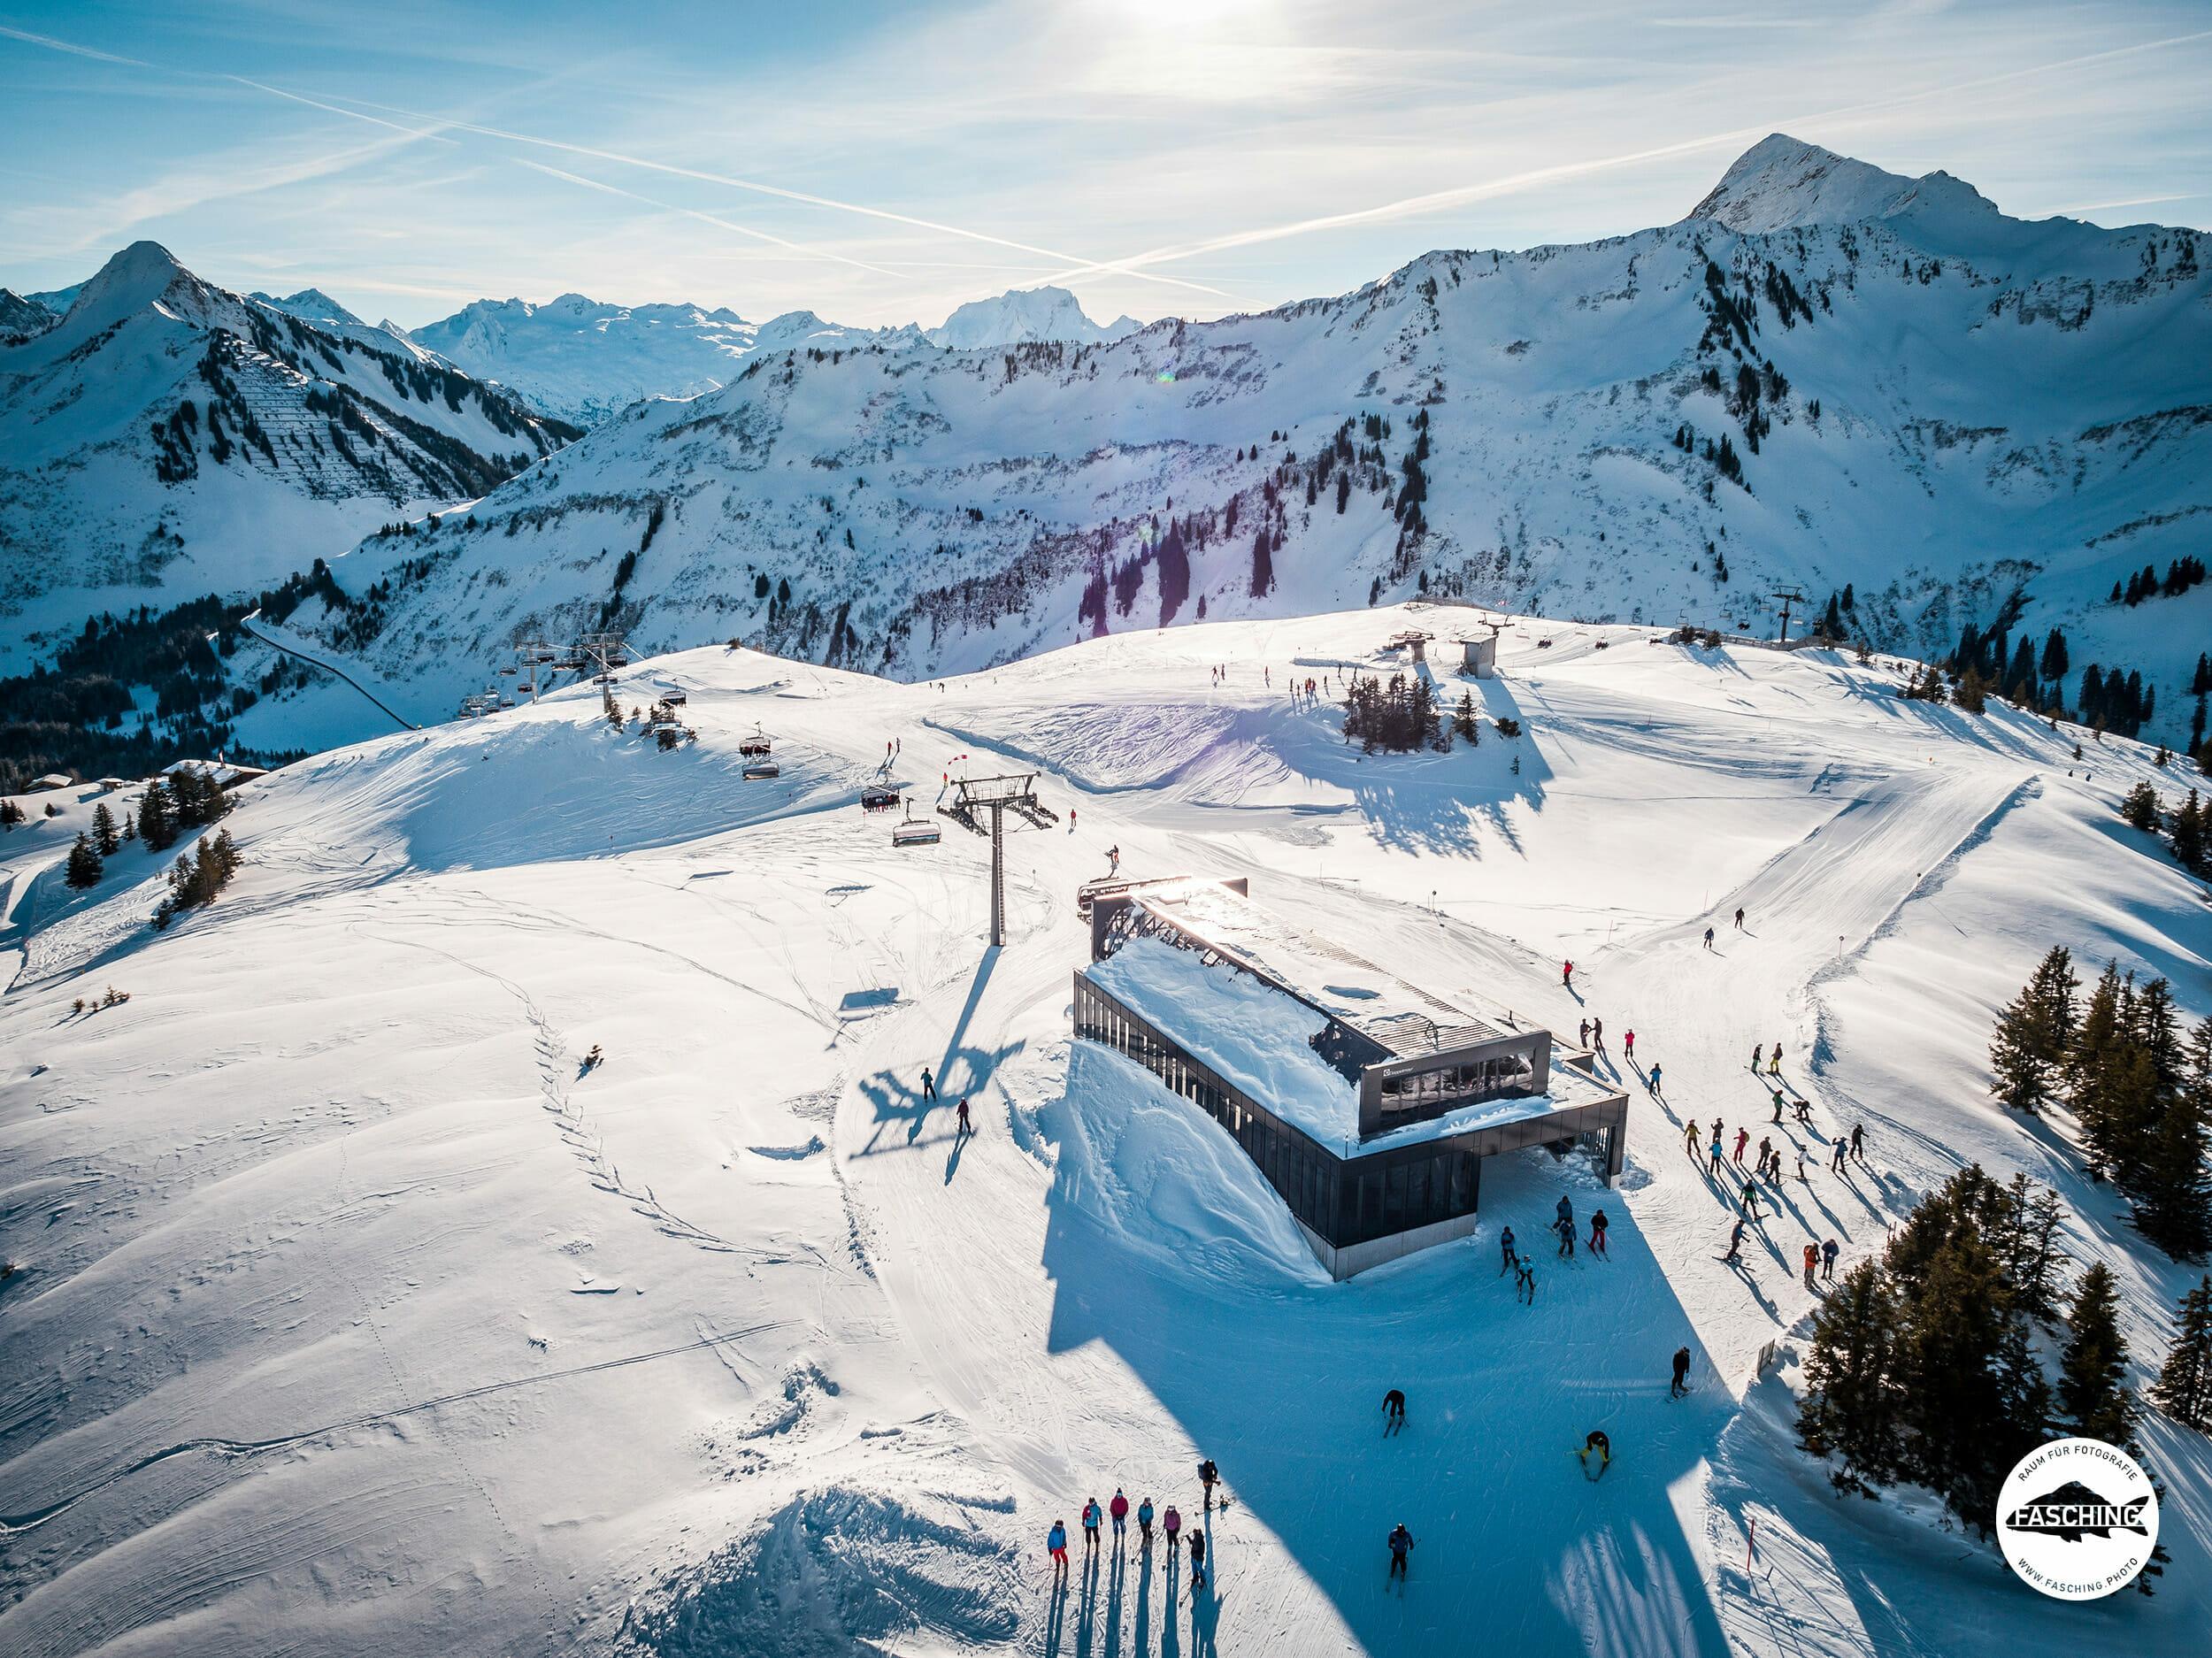 Drohnenfoto 6er Sesselbahn, Oberdamüls, fotografiert von Studio Fasching, Bregenz